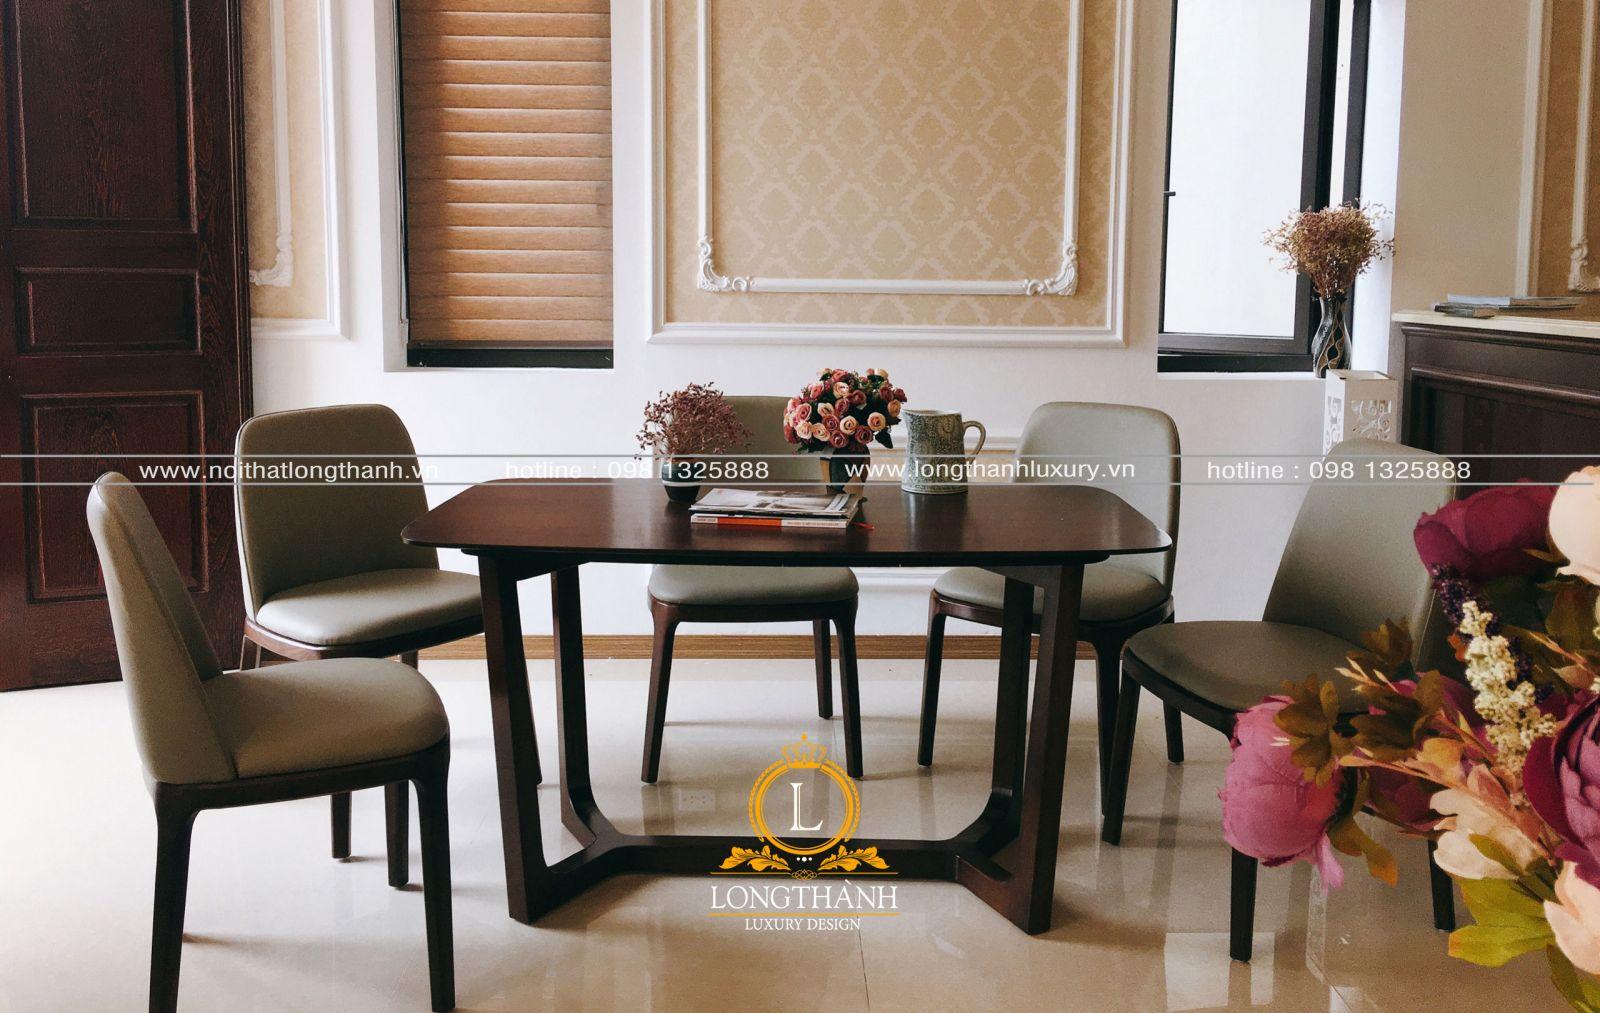 Bàn ghế cho phòng ăn LT01